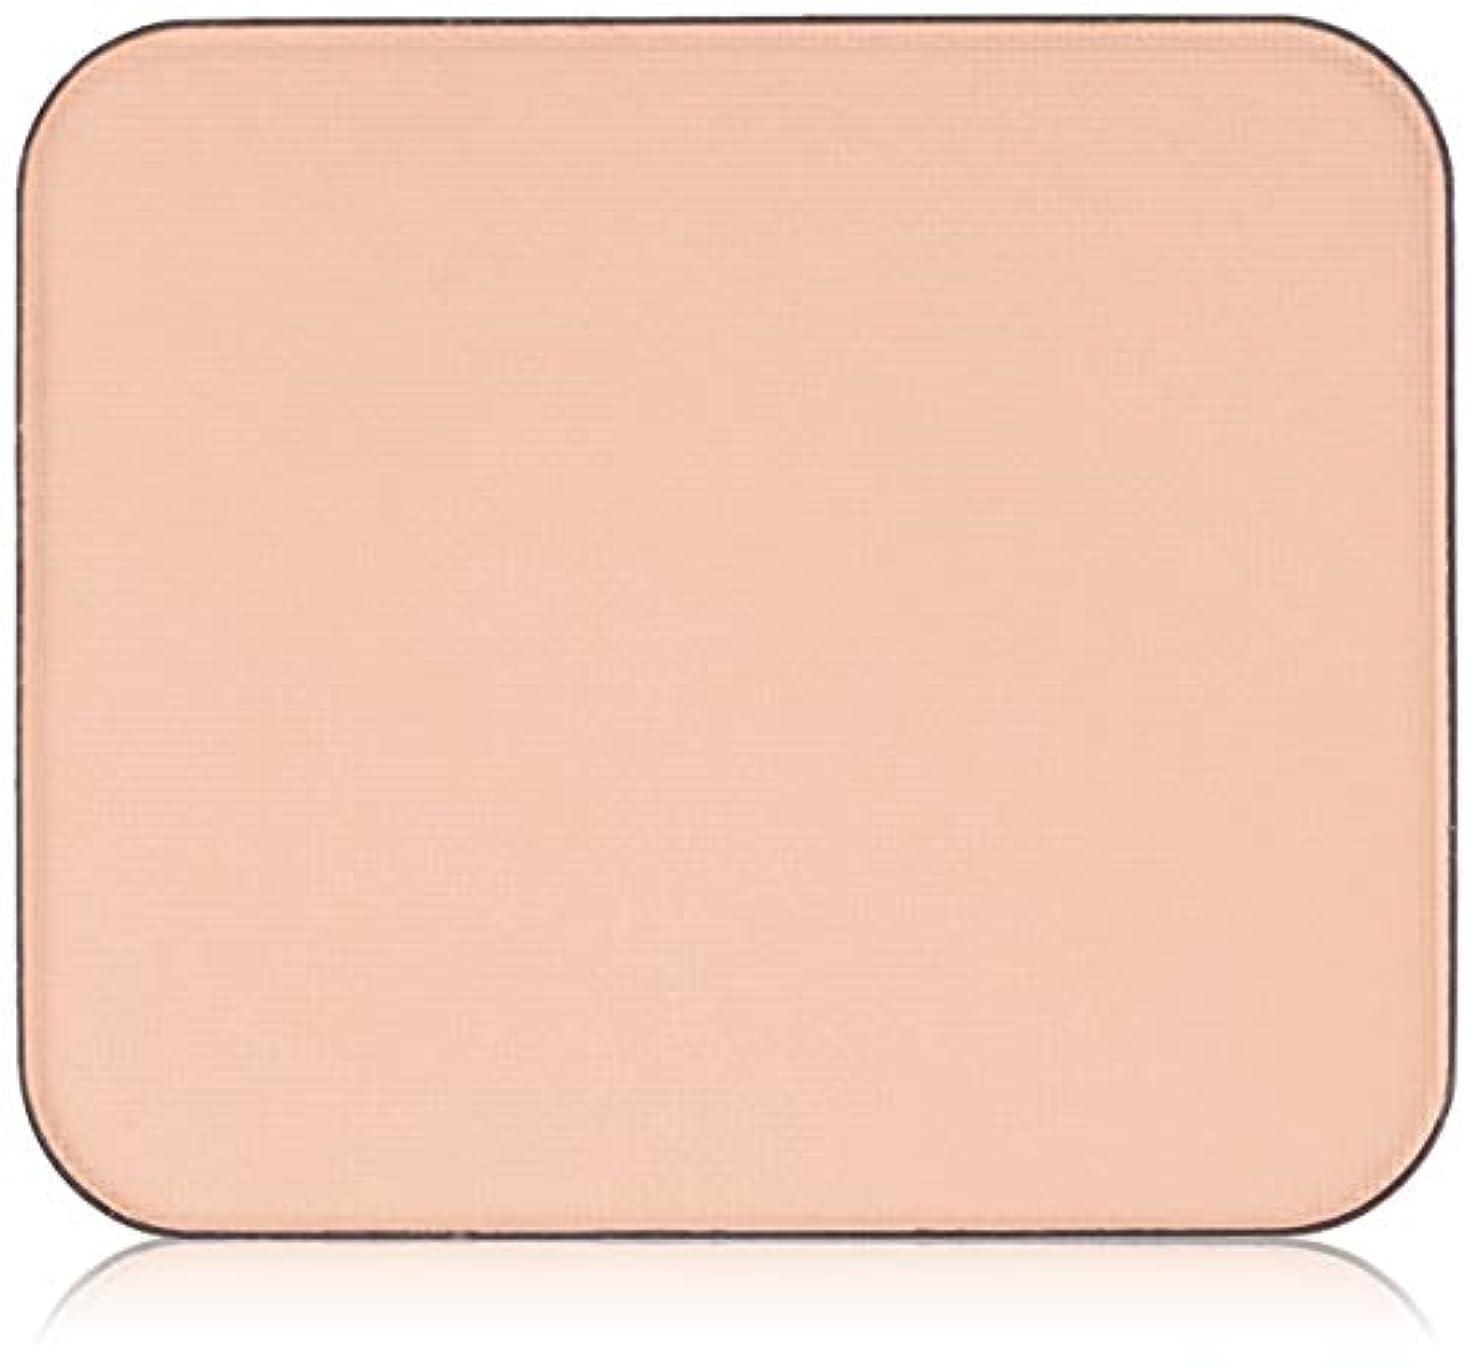 クレジット権限を与える歯痛Celvoke(セルヴォーク) インテントスキン パウダーファンデーション 全5色 101 明るいピンクオークル系